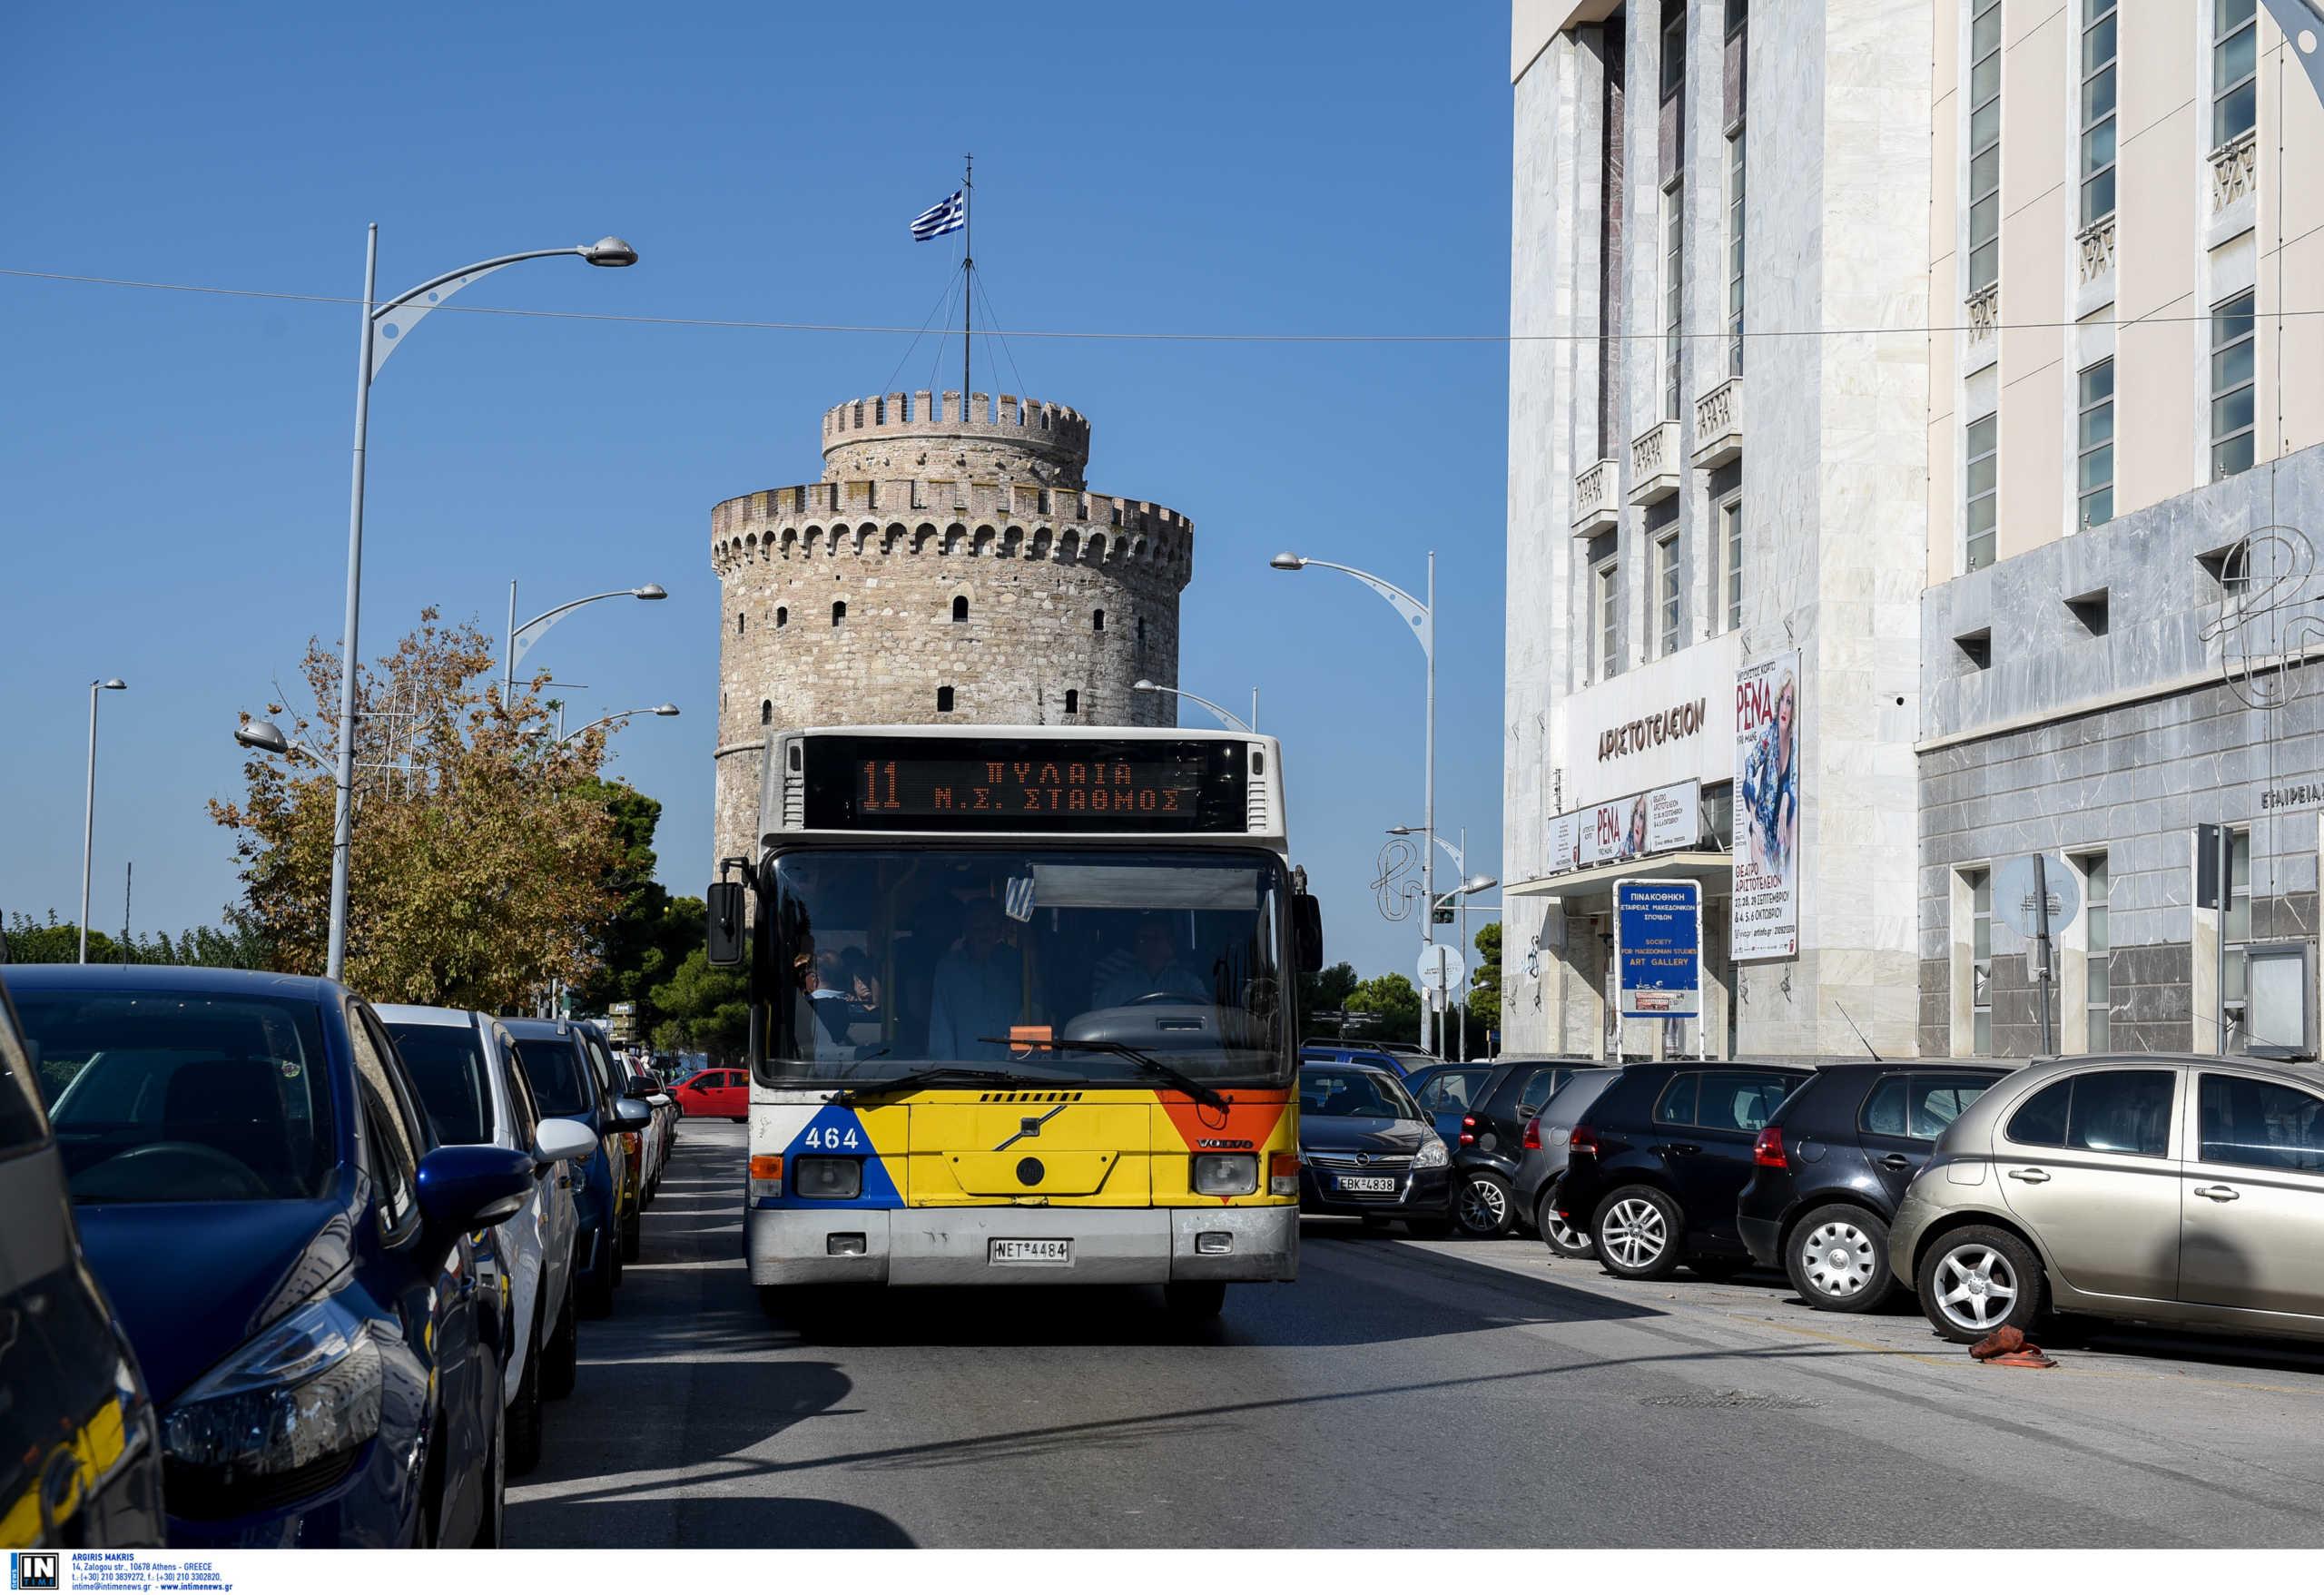 Θεσσαλονίκη: Επιπλέον 60 αστικά λεωφορεία στους δρόμους μέχρι τα τέλη Φεβρουαρίου